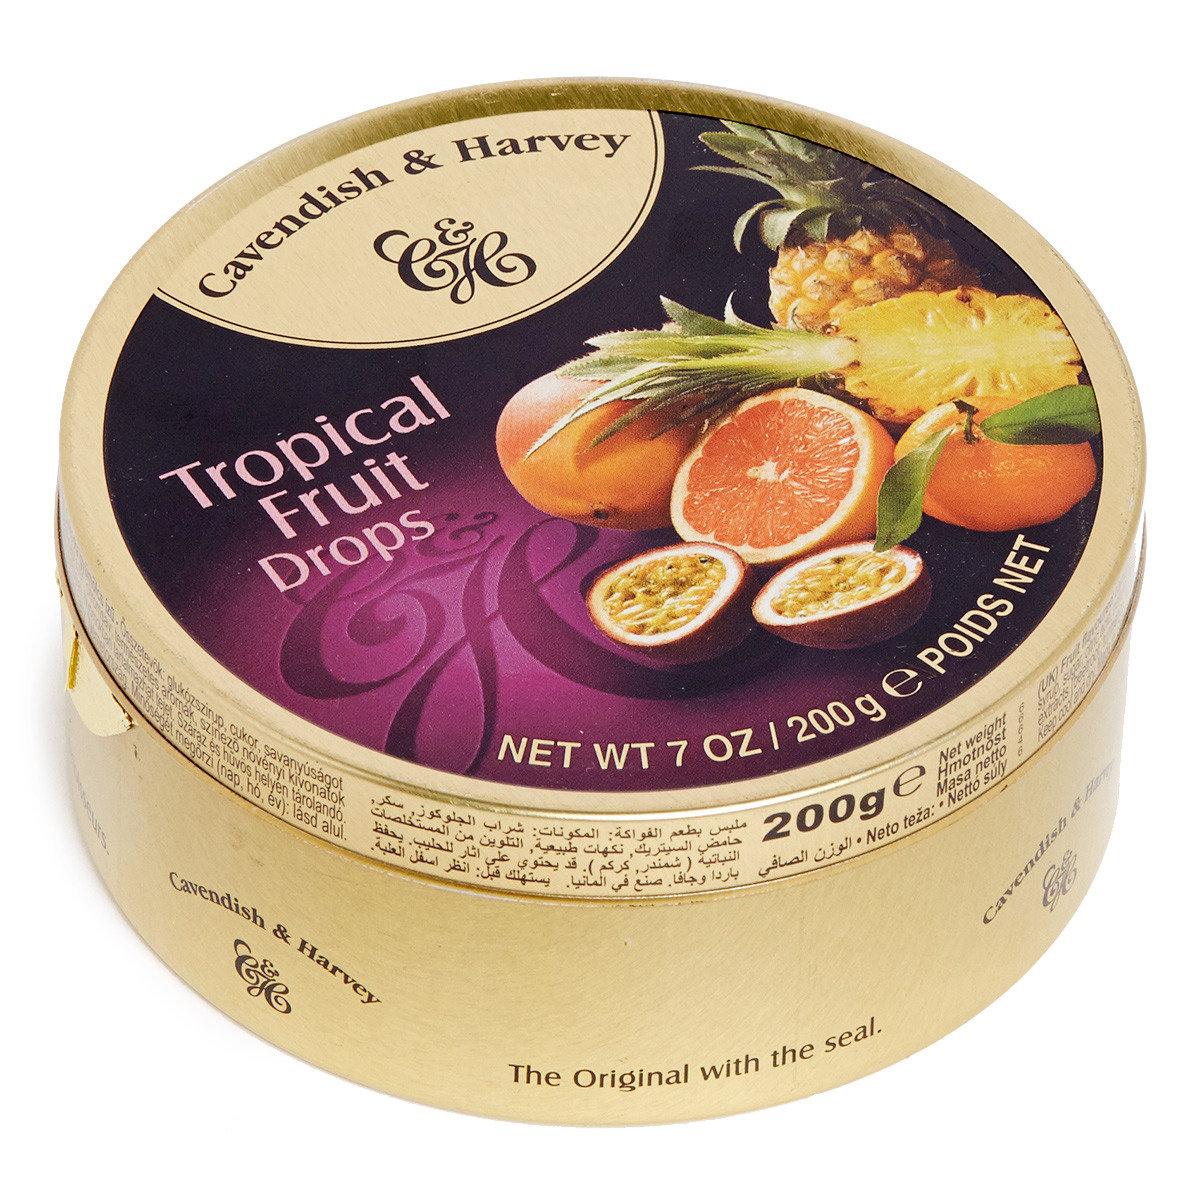 熱帶三色果汁糖